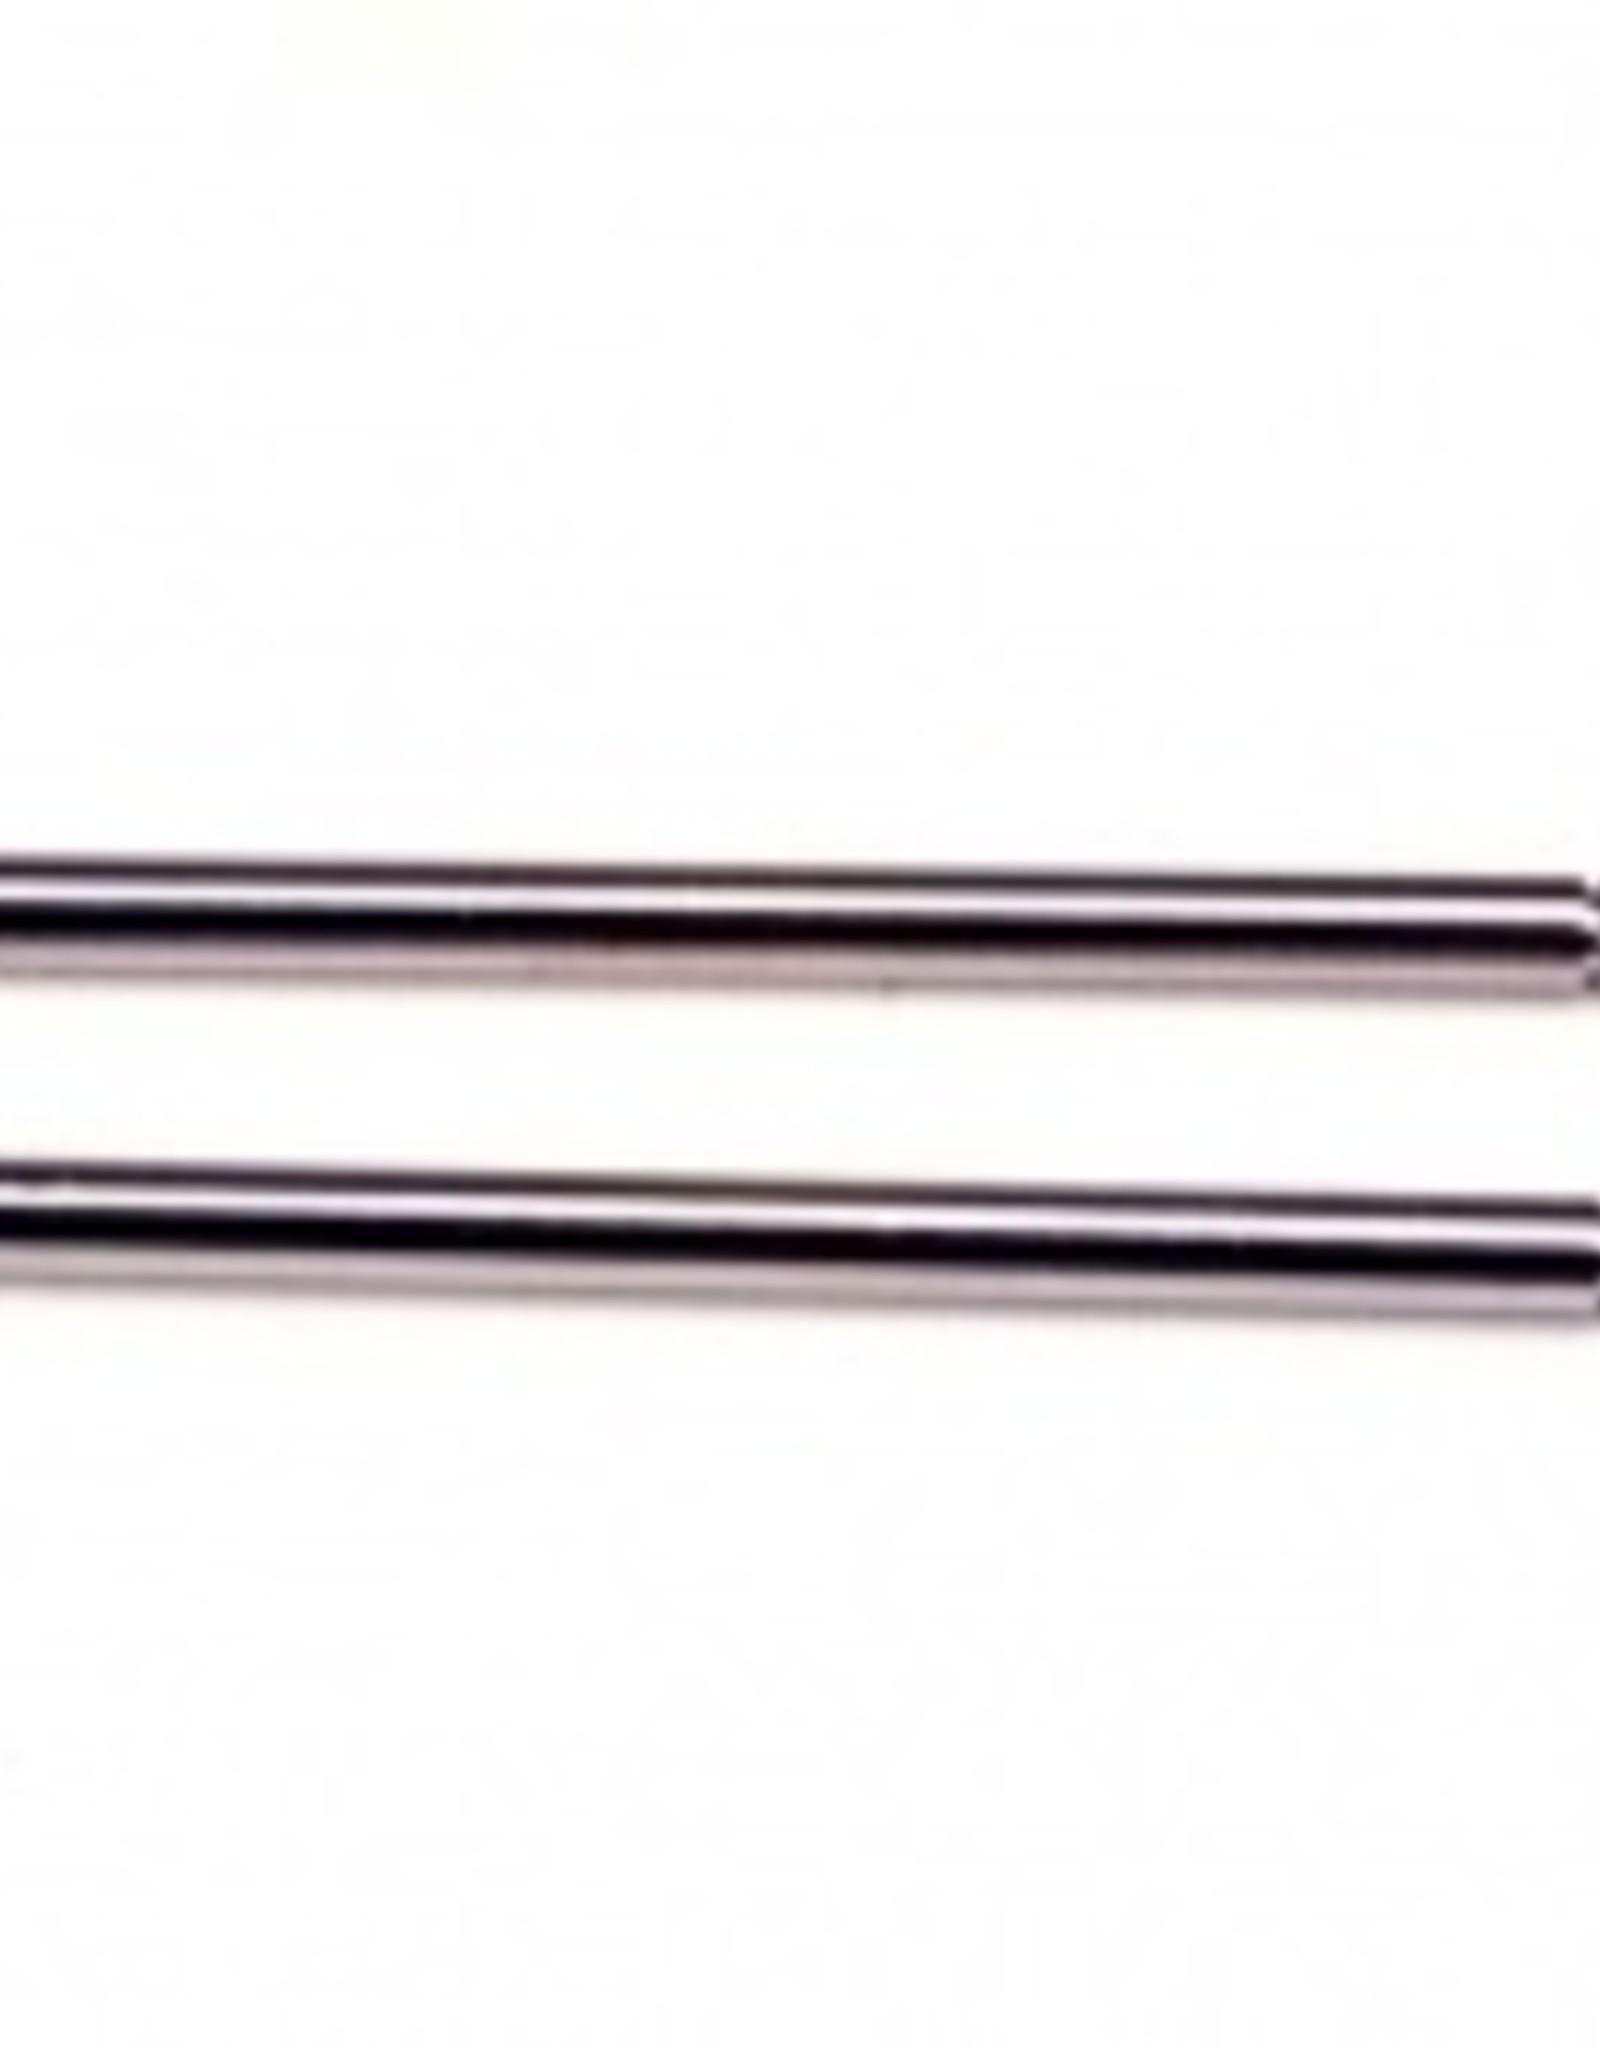 Traxxas Traxxas Nitro Rustler Suspension pins, 48mm (2) w/ E-clips